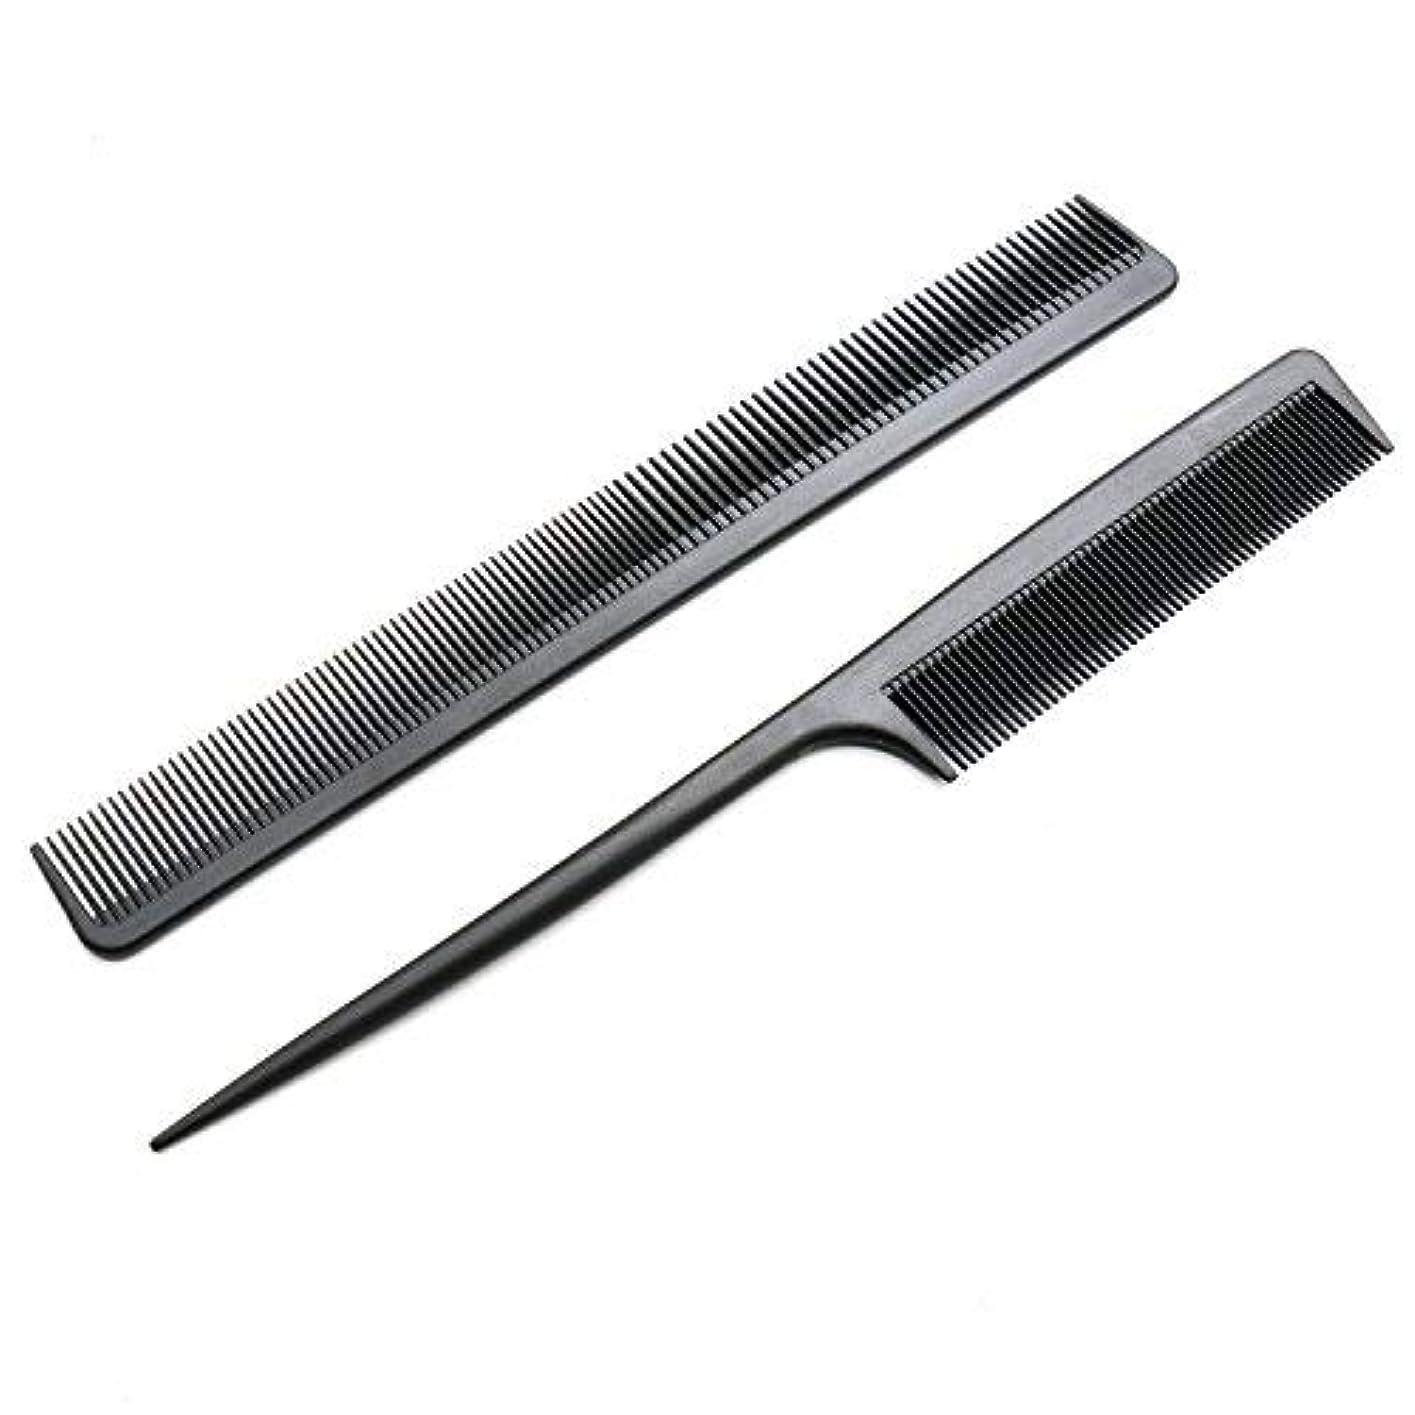 晩餐しないでください経験者2 Pack Carbon Fiber Anti Static Chemical And Heat Resistant Tail Comb For All Hair Types,Black [並行輸入品]